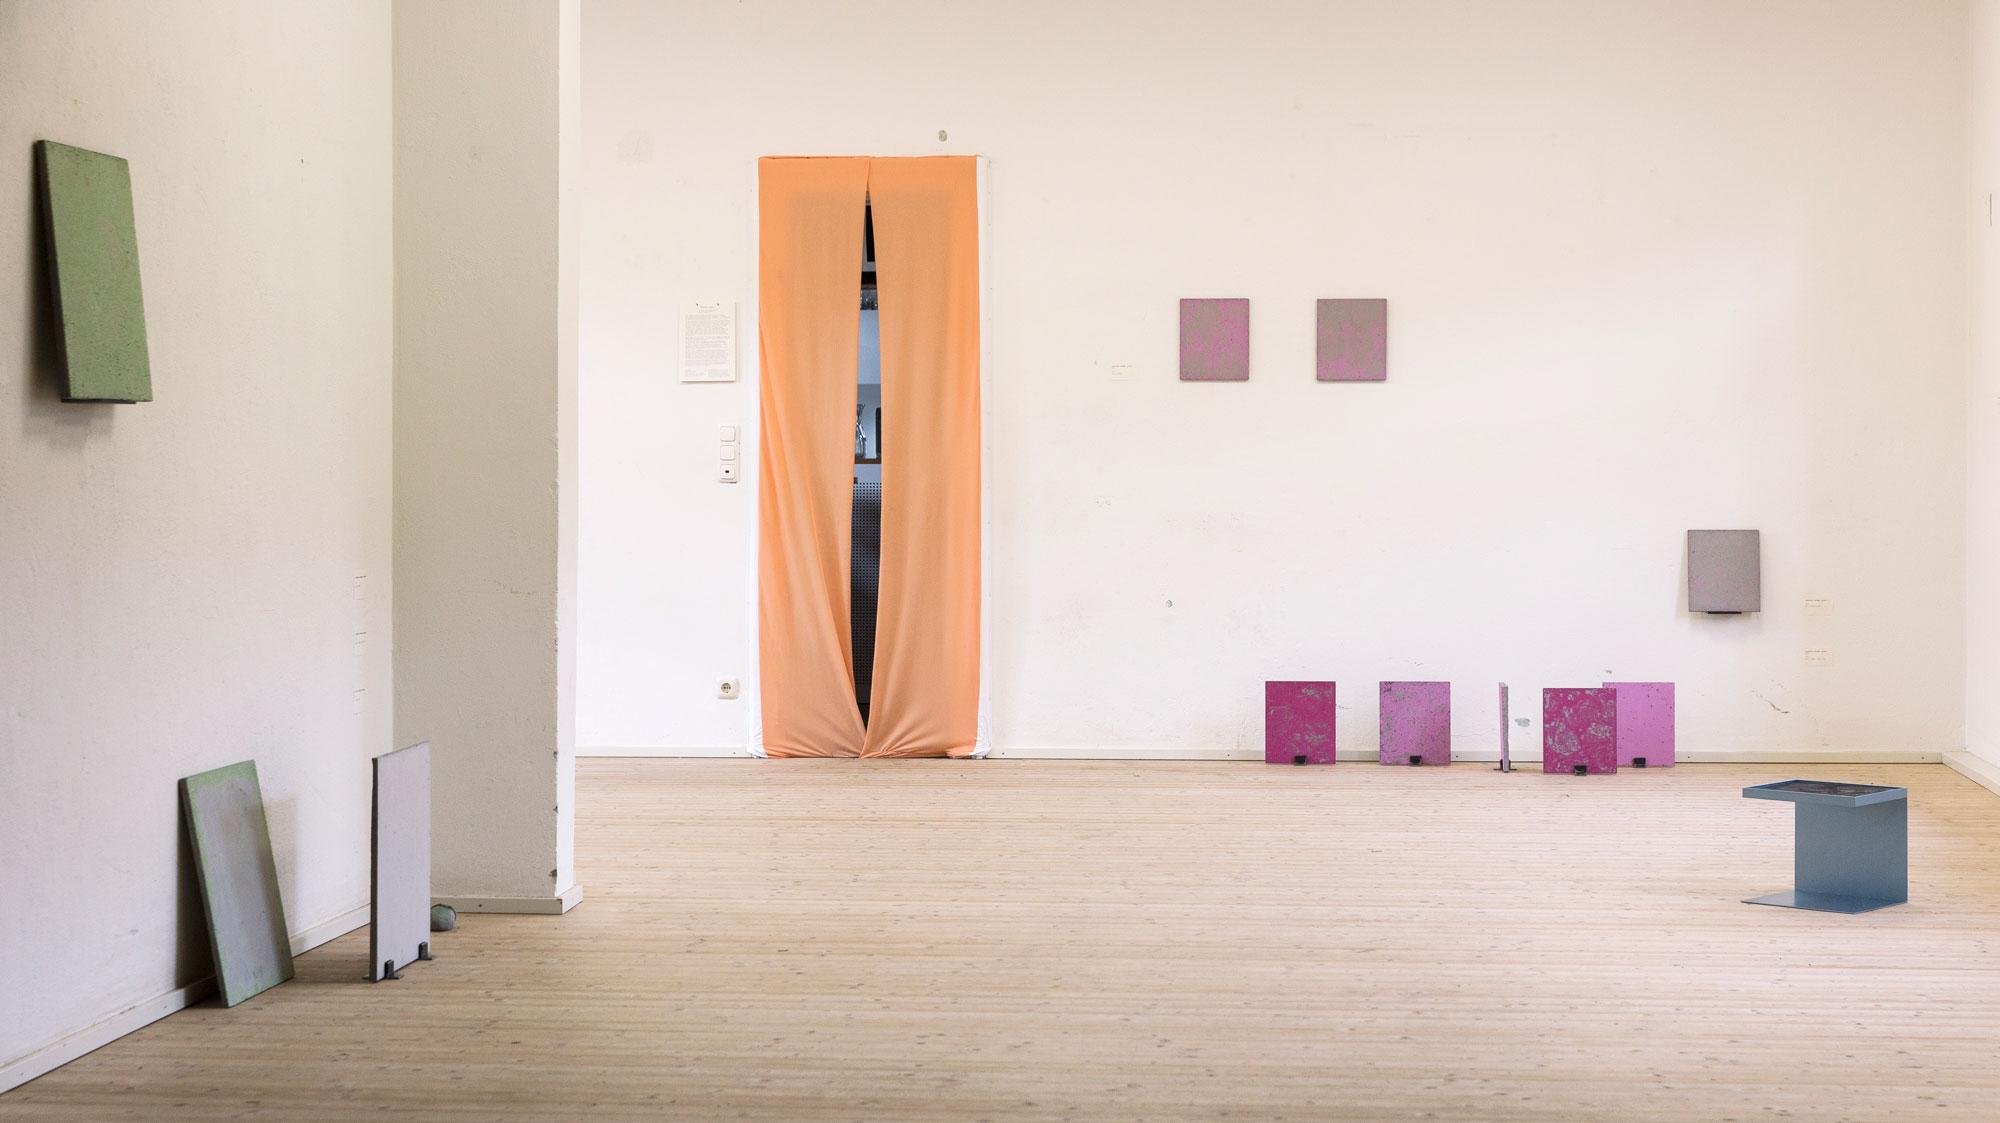 Luka Jana Berchtold_ConcreteDreams_exhibition view (c) Melanie Schneider.jpg